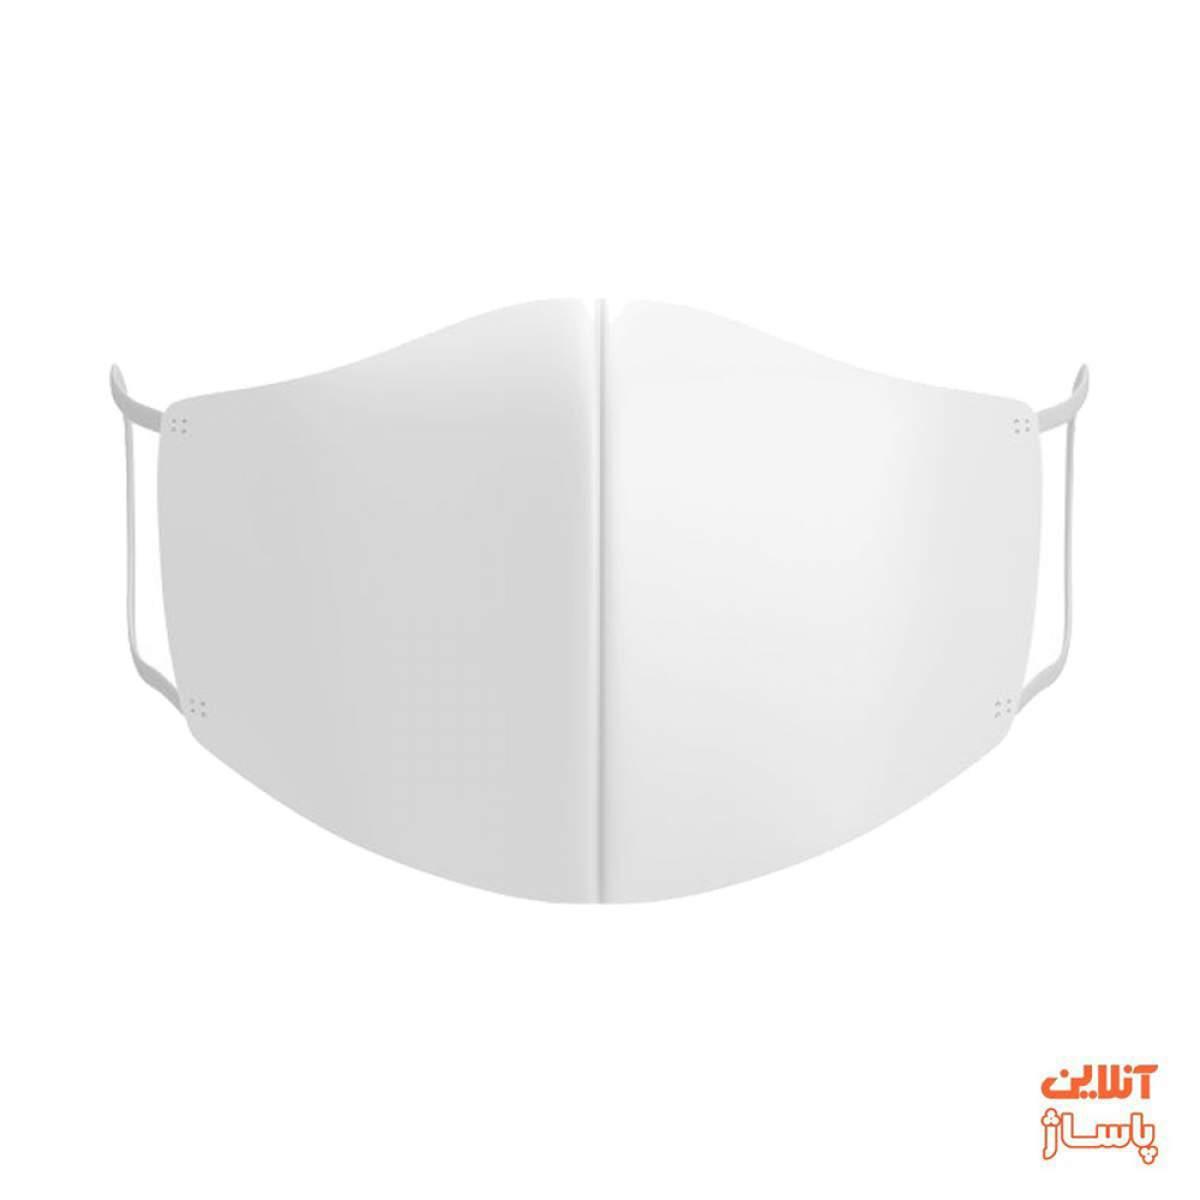 ماسک پارچه ای نانو سفید کد 2016